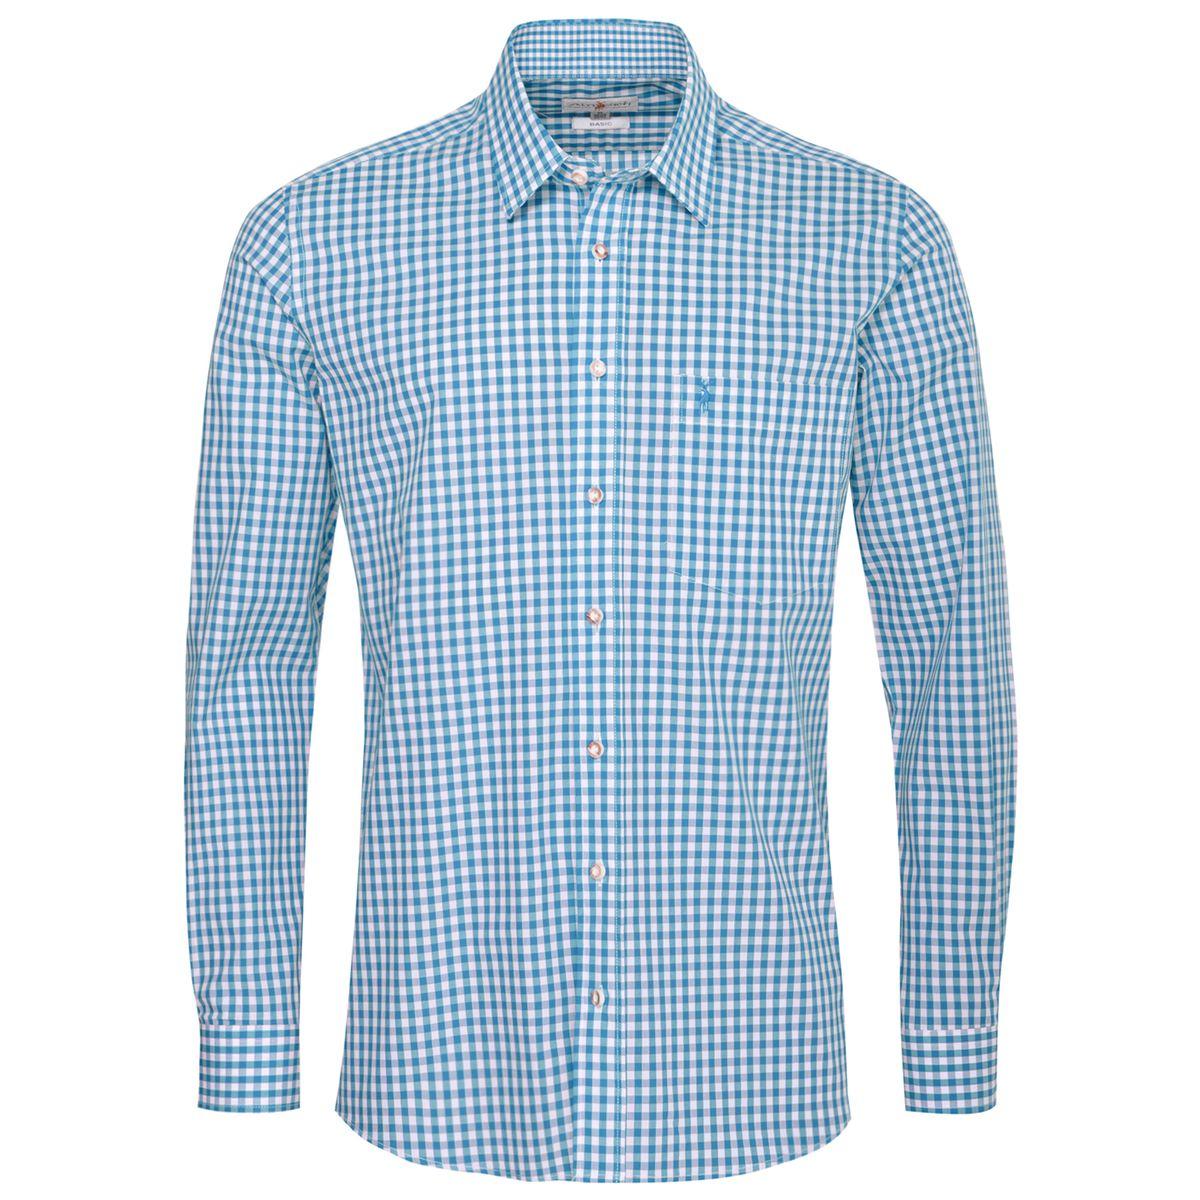 Trachtenhemd Fesl Regular Fit in Türkis von Almsach günstig online kaufen